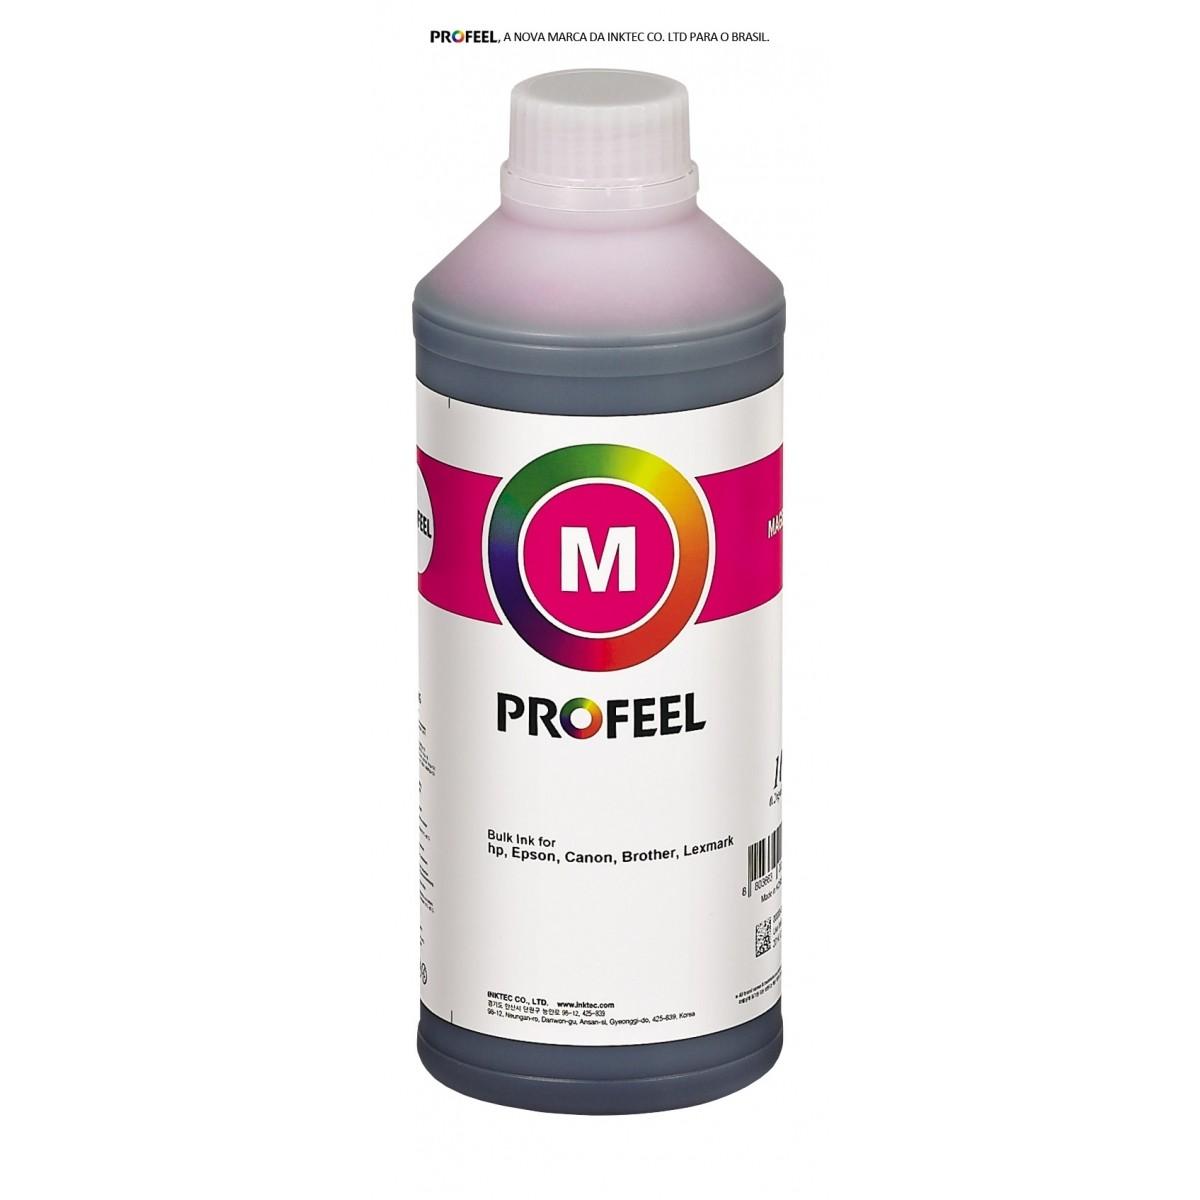 Tinta corante InkTec Profeel modelo H8950D-01LM | Frasco de 1 litro | Cor : Magenta